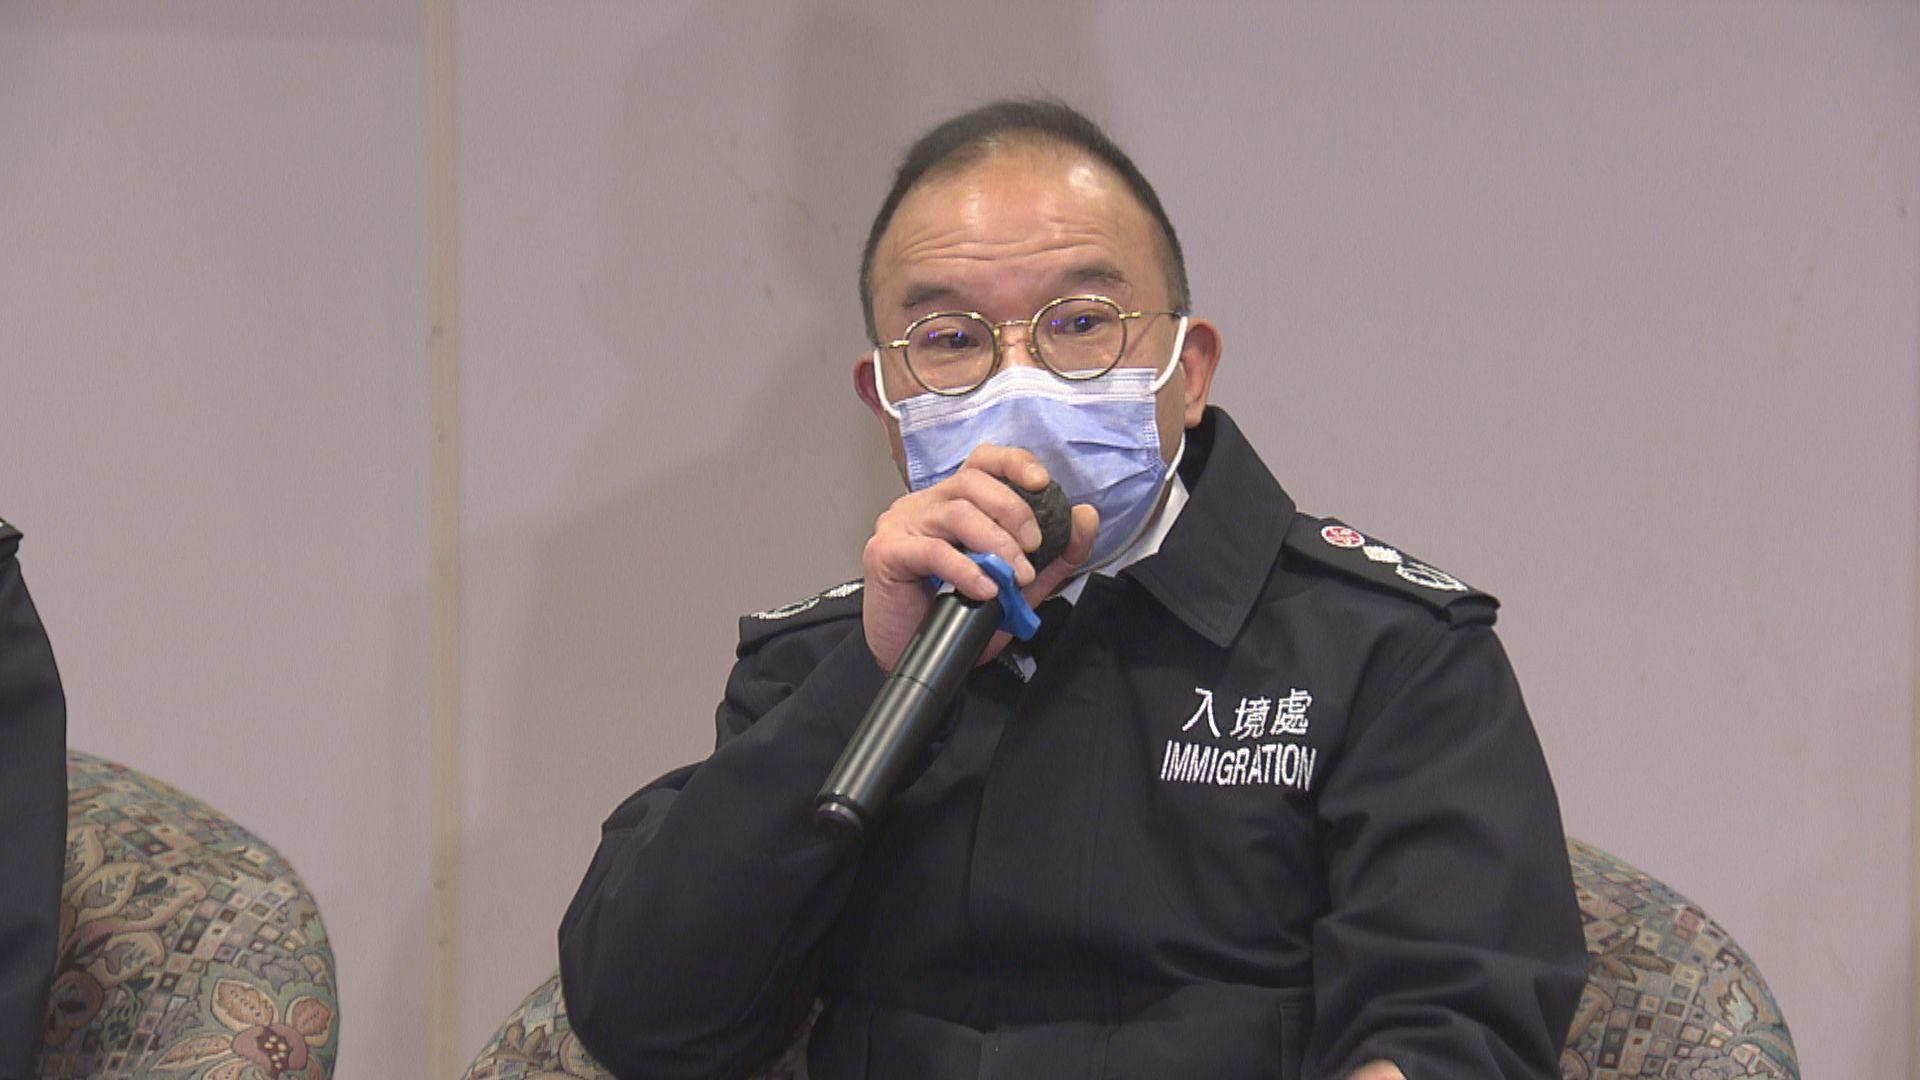 【人事調動】消息:曾國衞加入問責班子接替聶德權